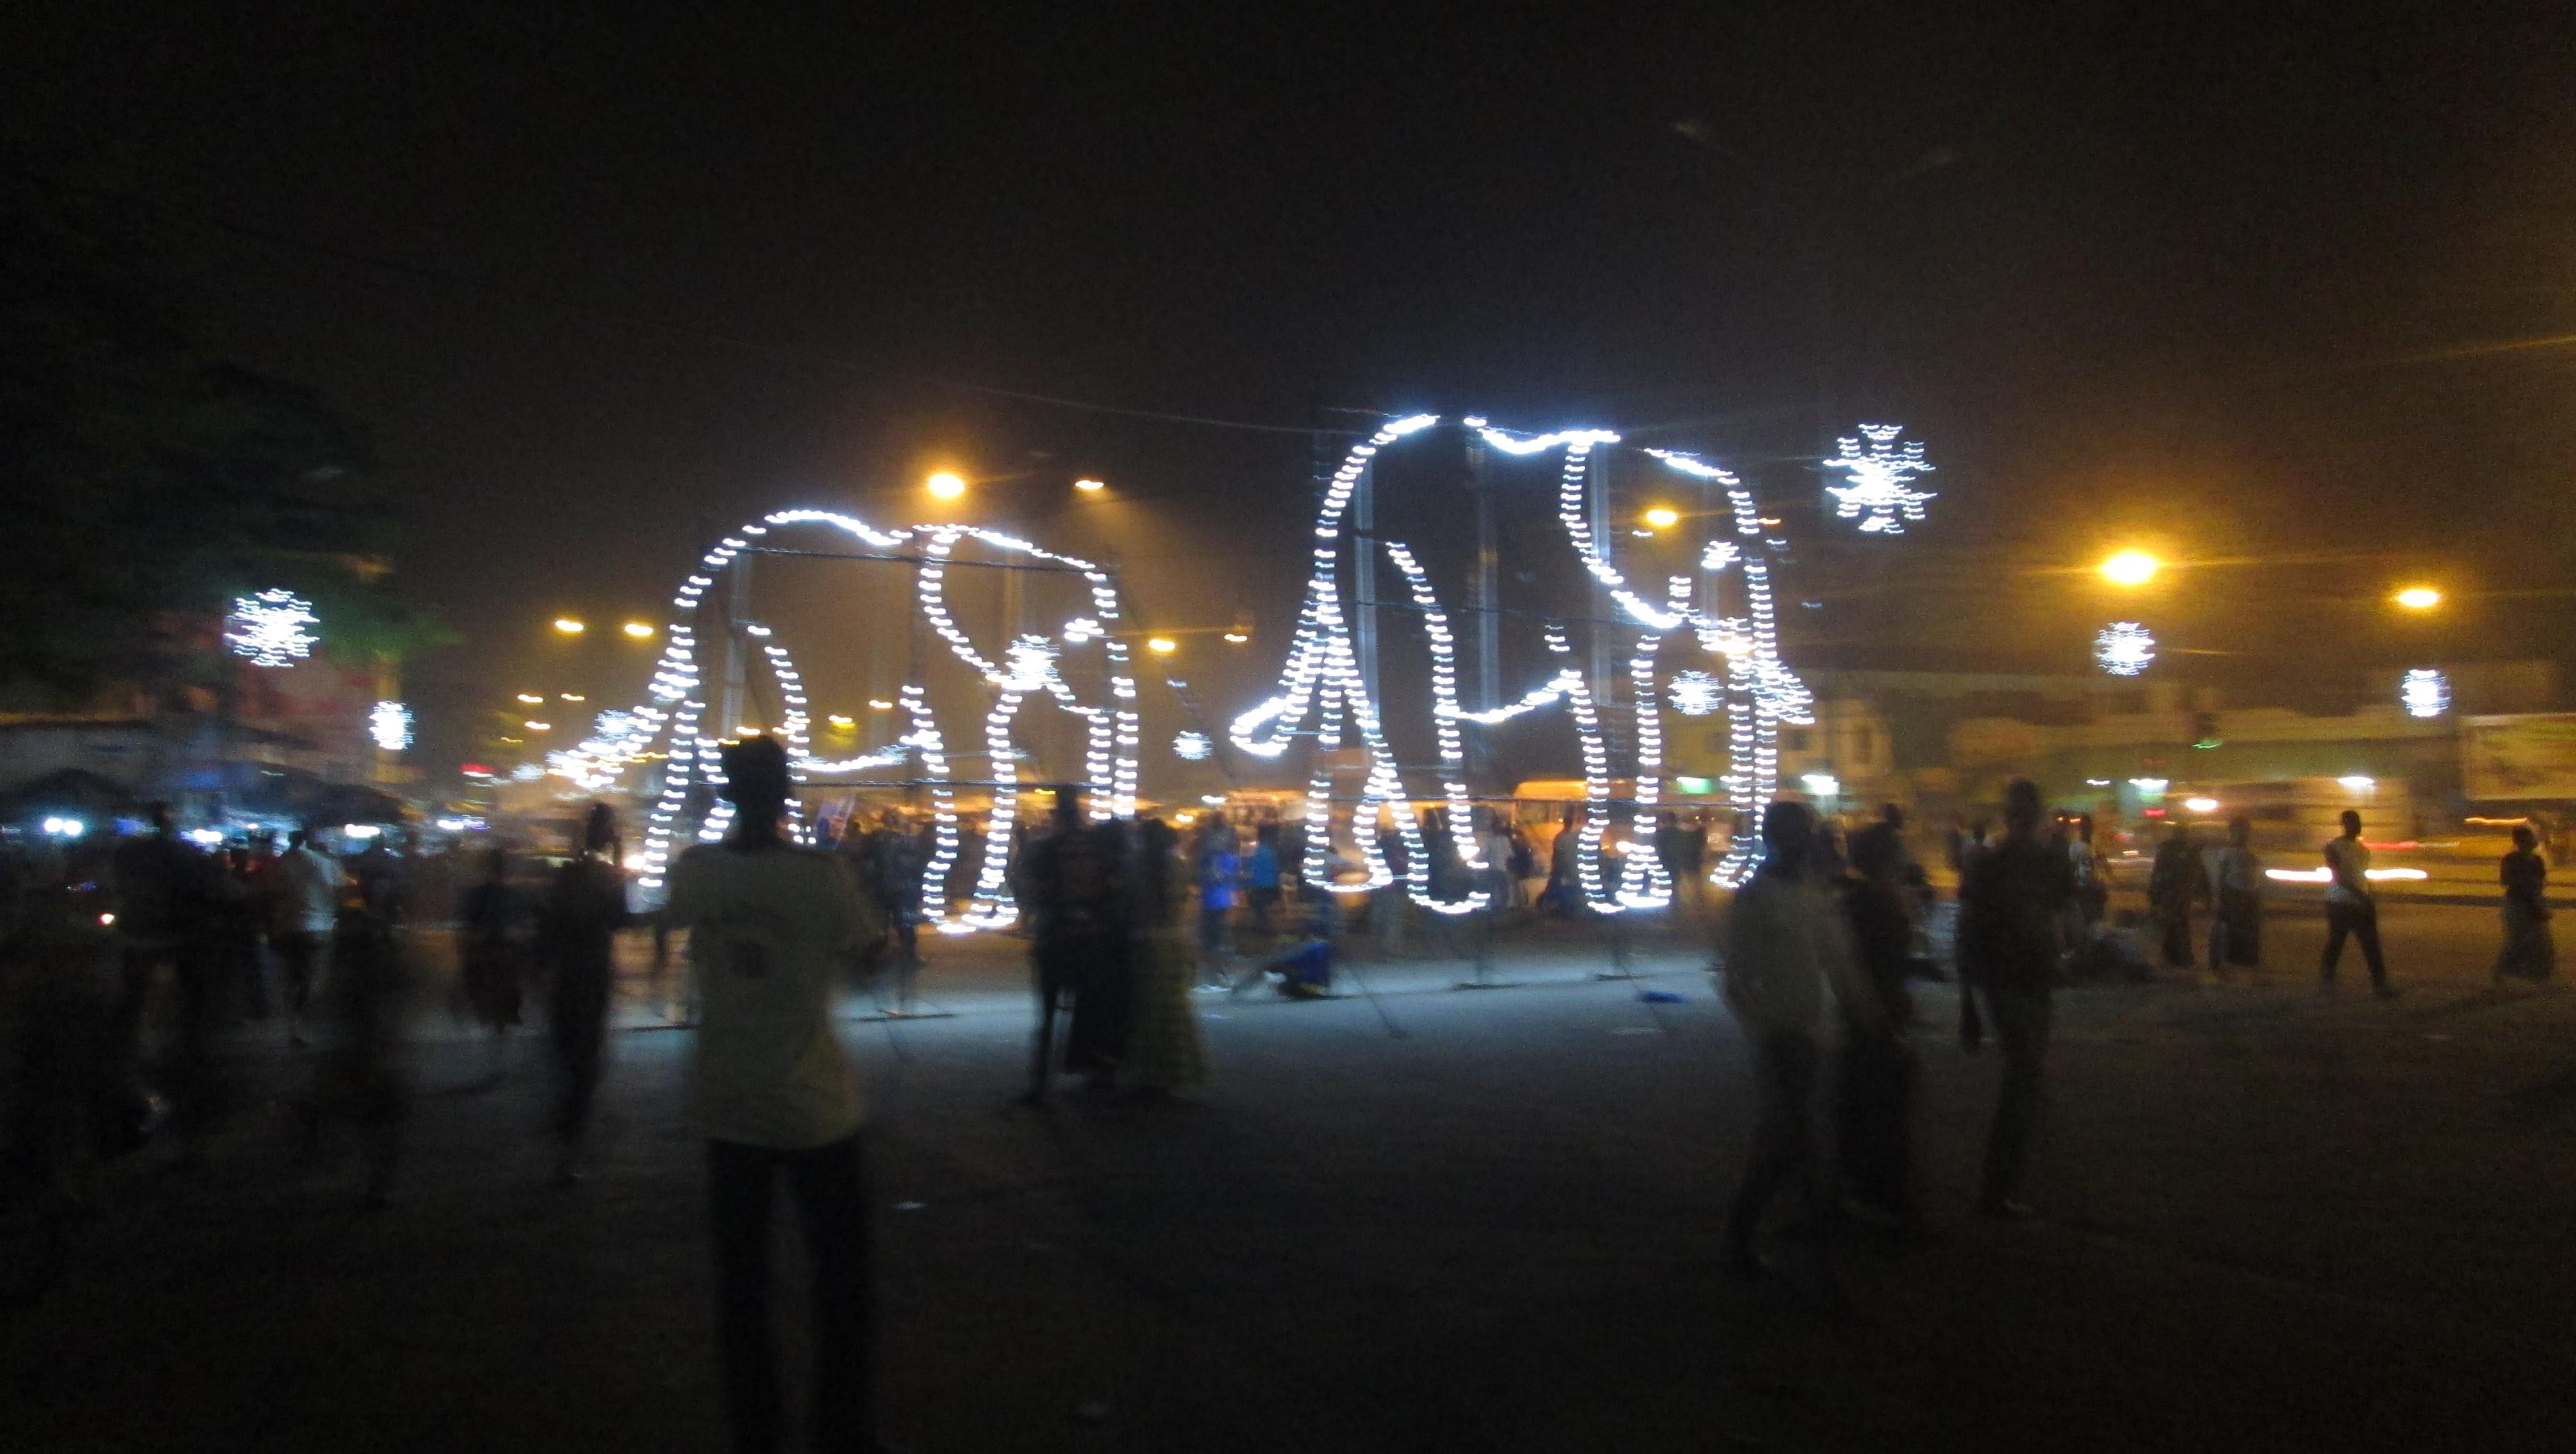 Lumieres devant la mairie à Abobo (Ph.Badra)